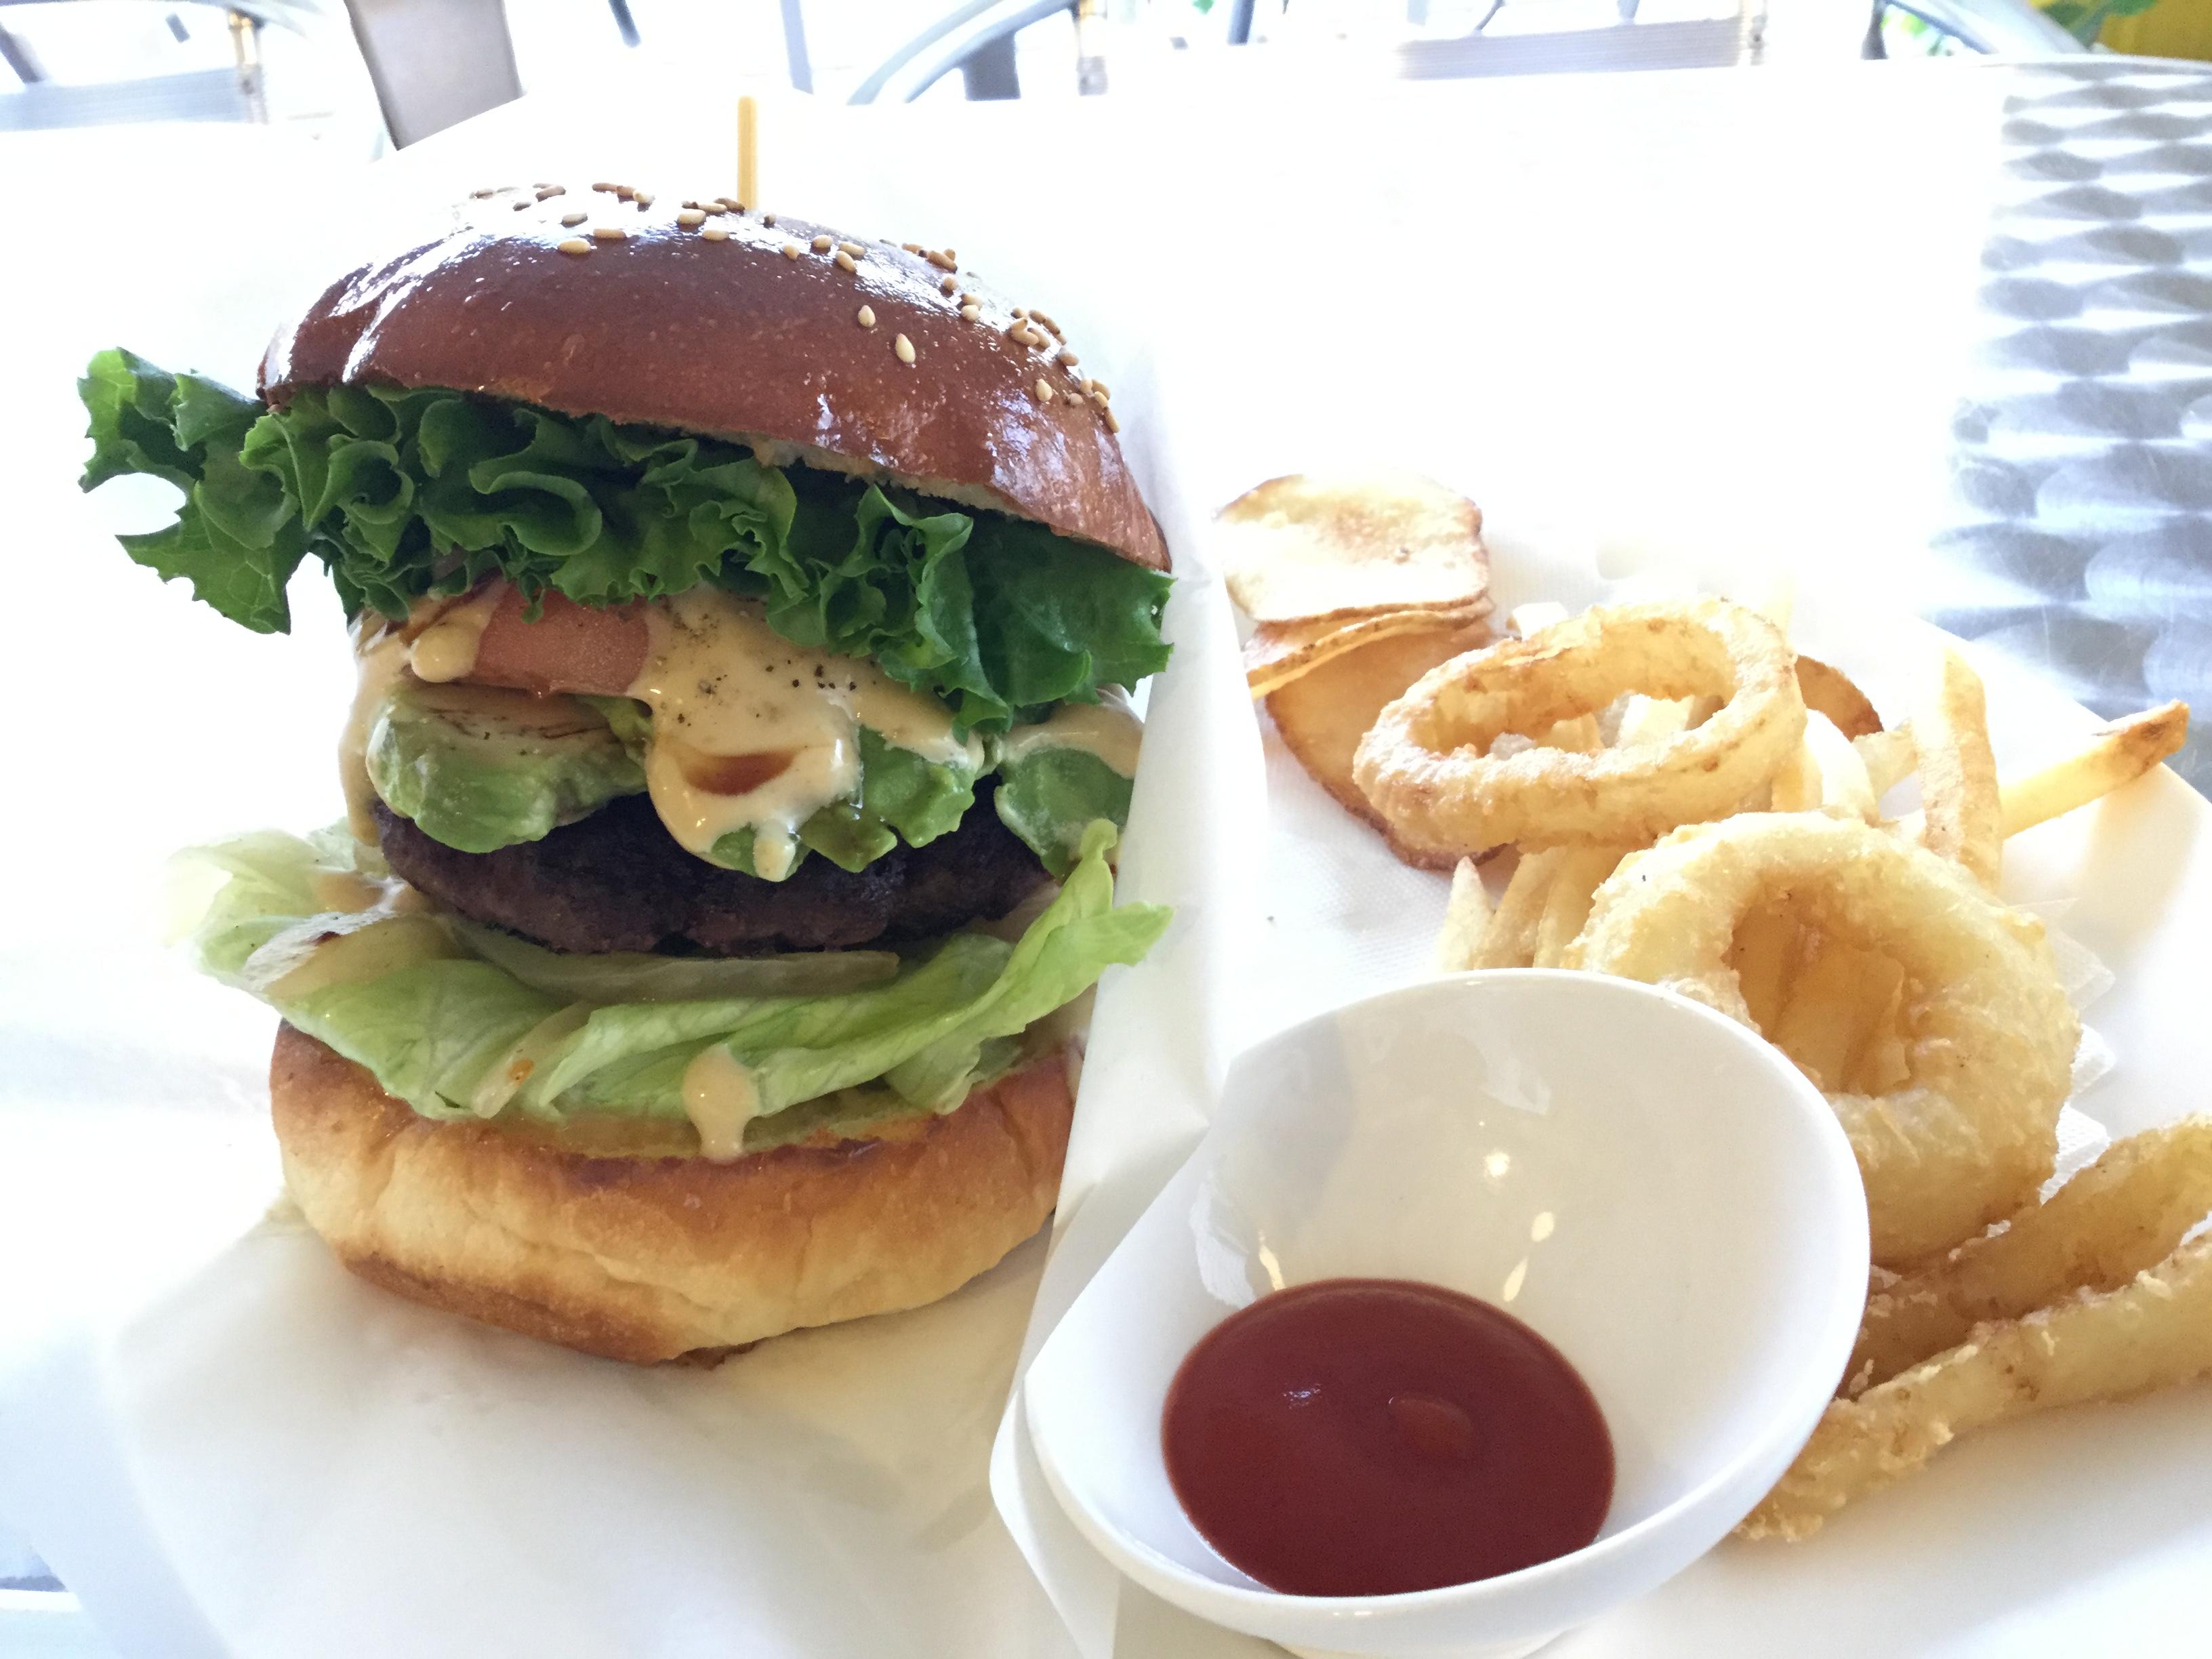 沖縄・北谷町「石垣島キッチン Bin」でハンバーガーを食べた